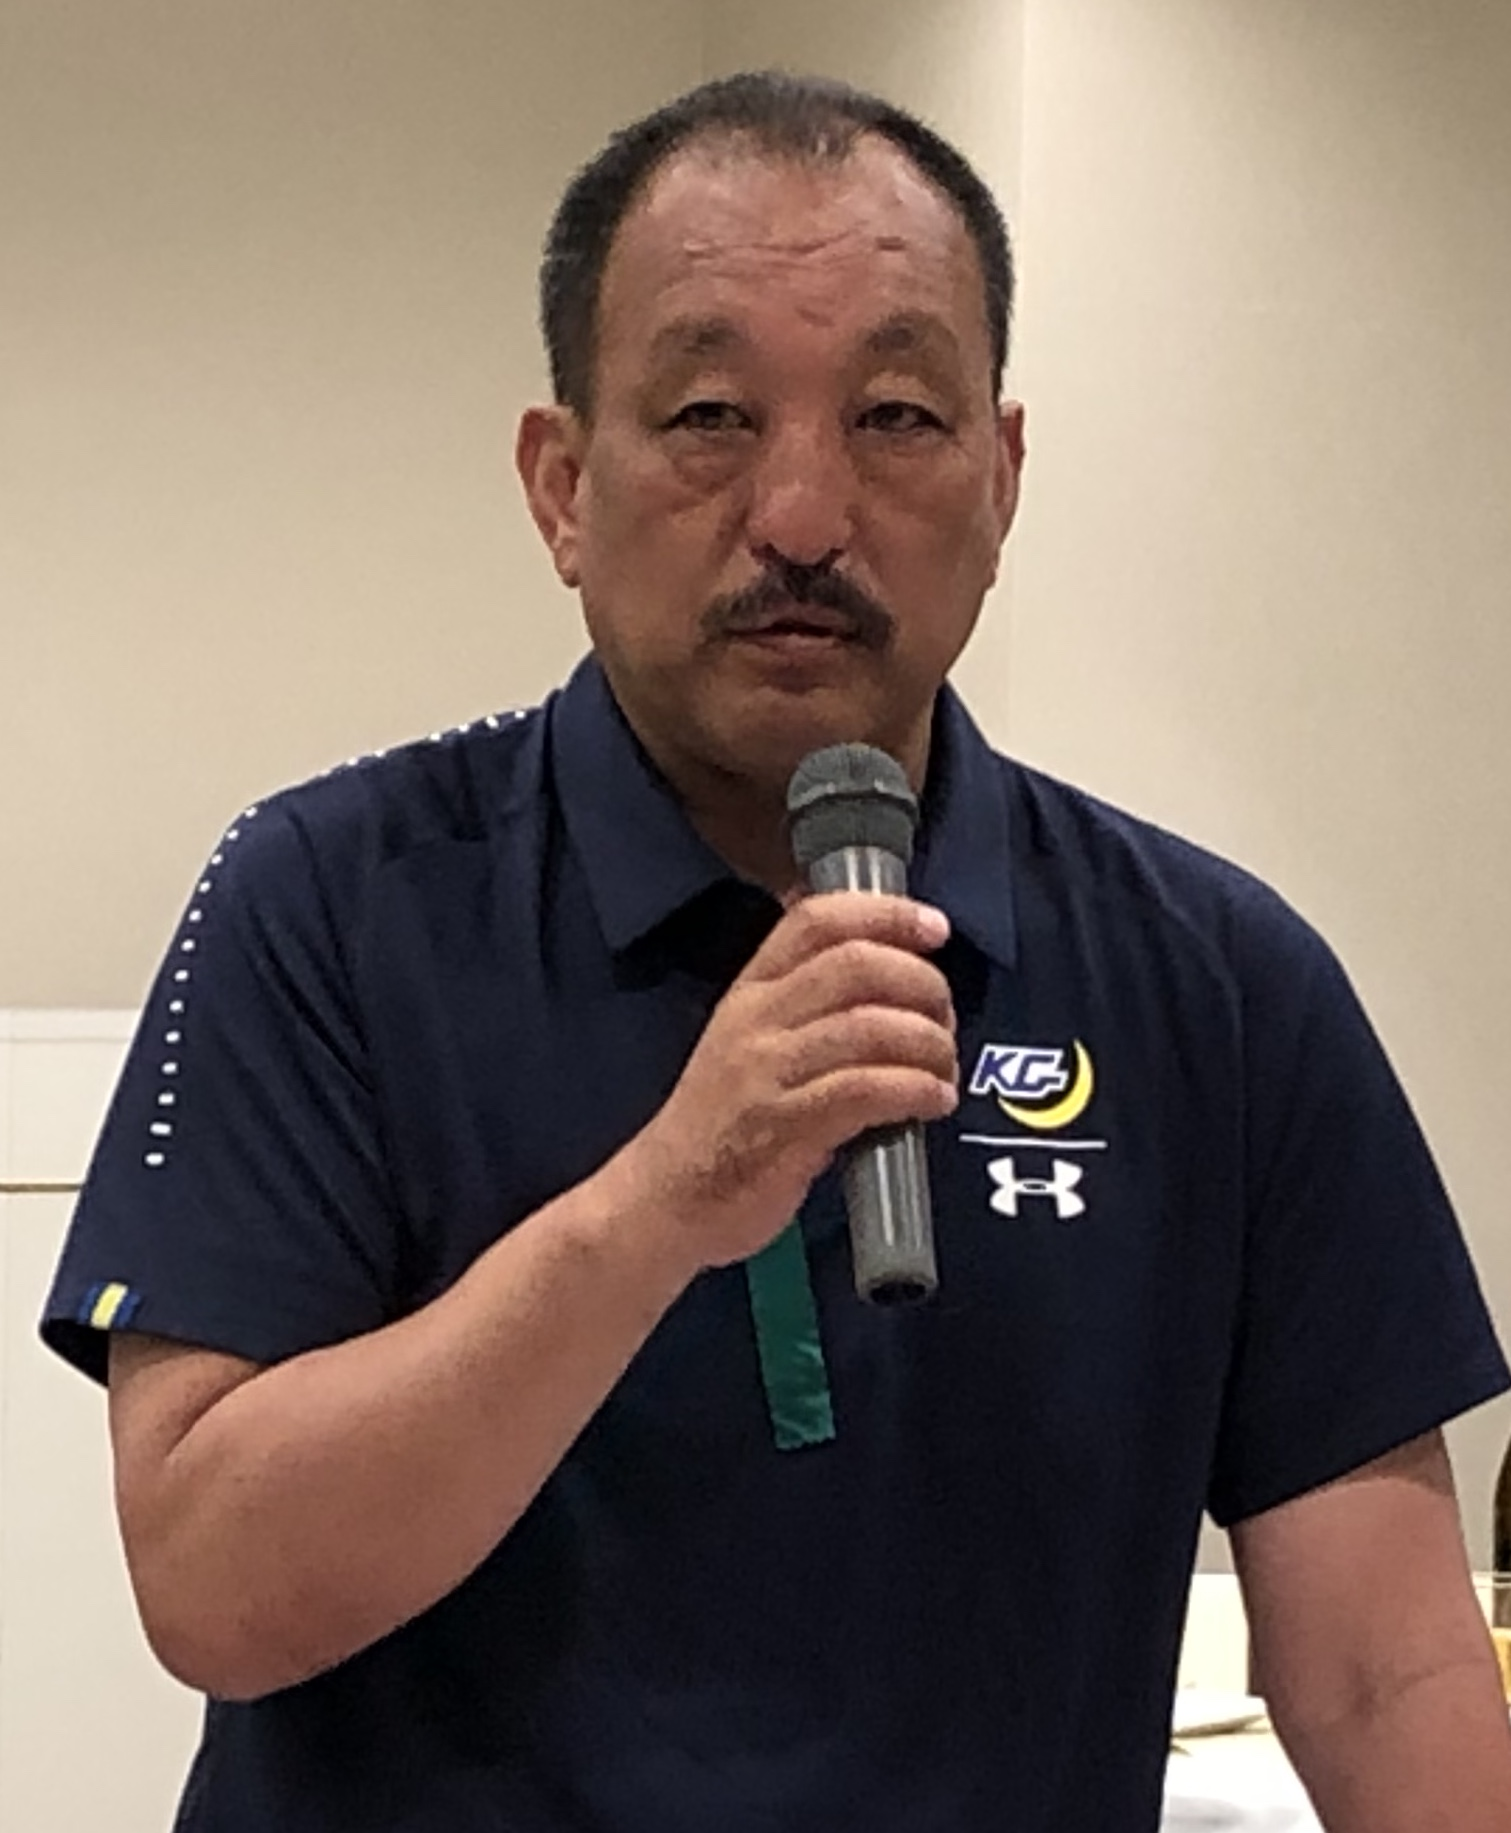 明大との定期戦の後の懇親会で、話をする関学大の鳥内秀晃監督=5月19日、味の素スタジアム